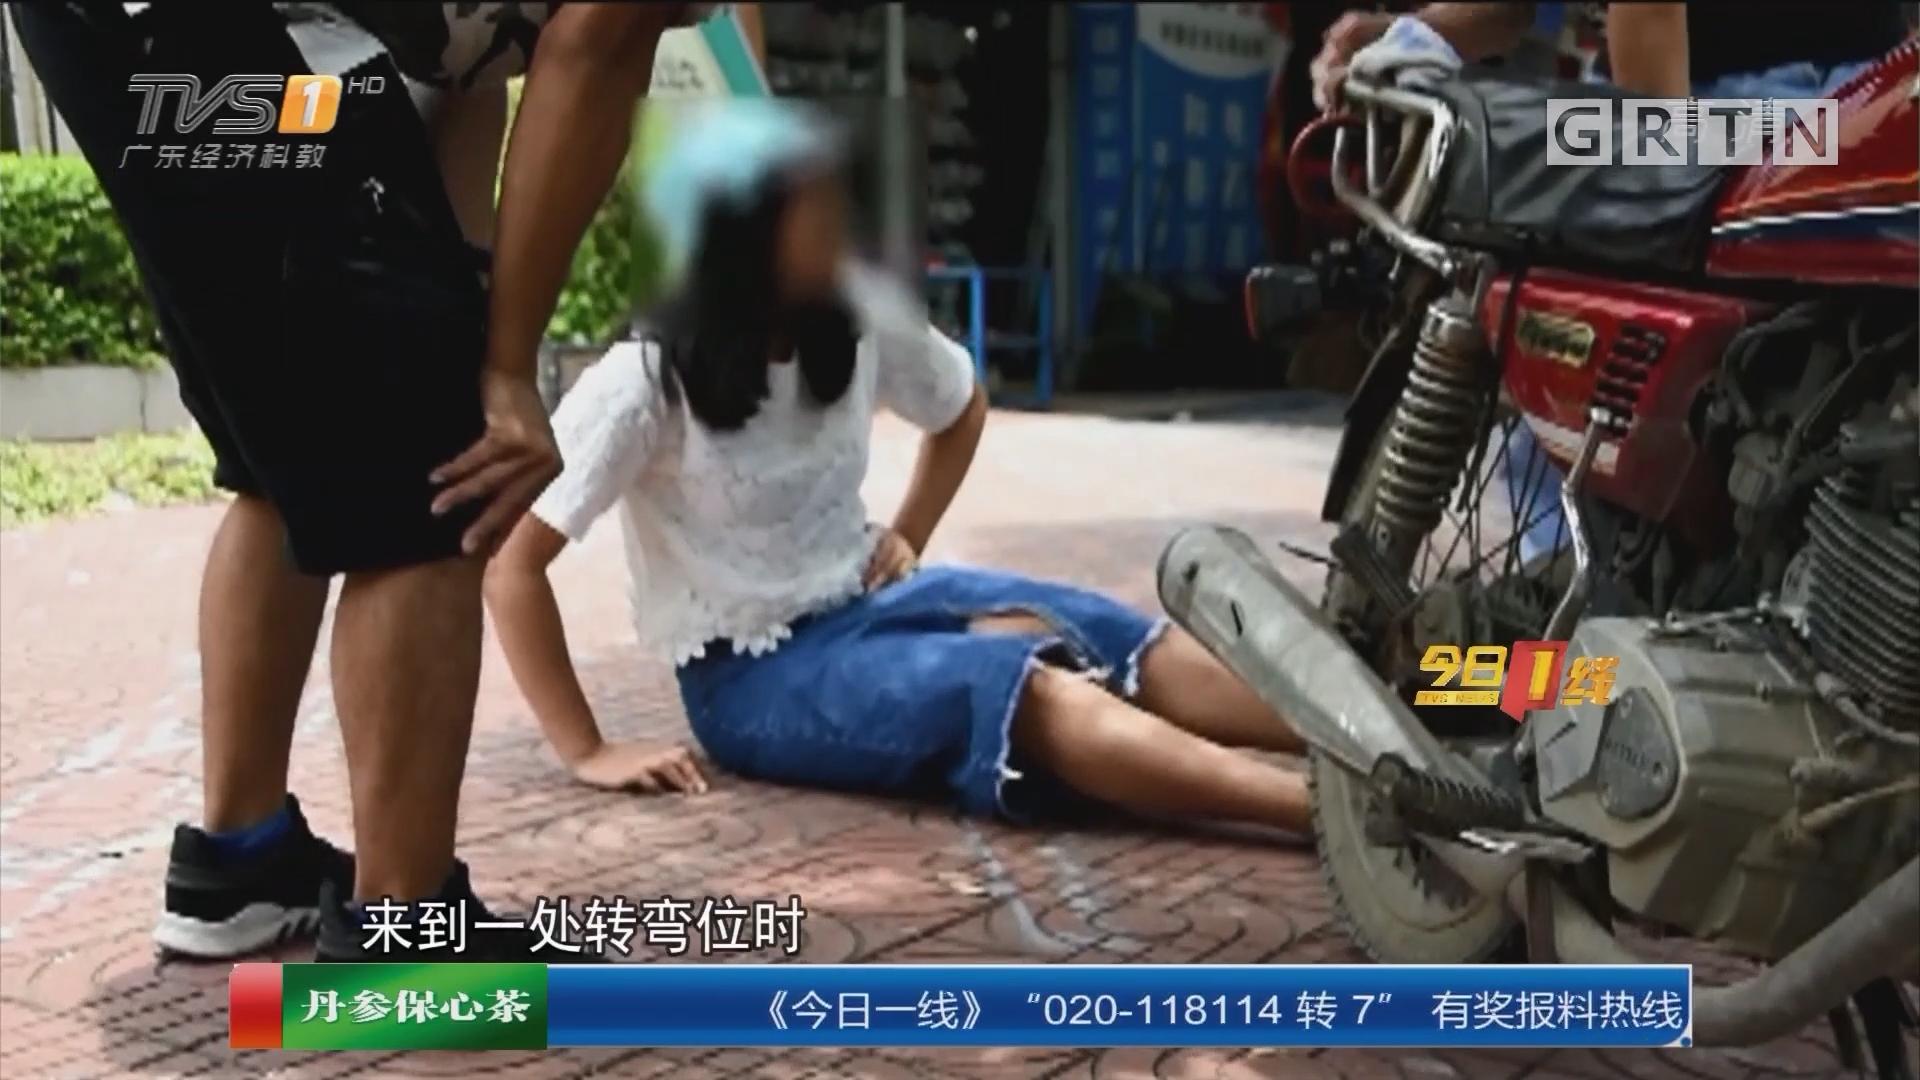 江门:假扮孕妇乘车摔伤 勒索1万5